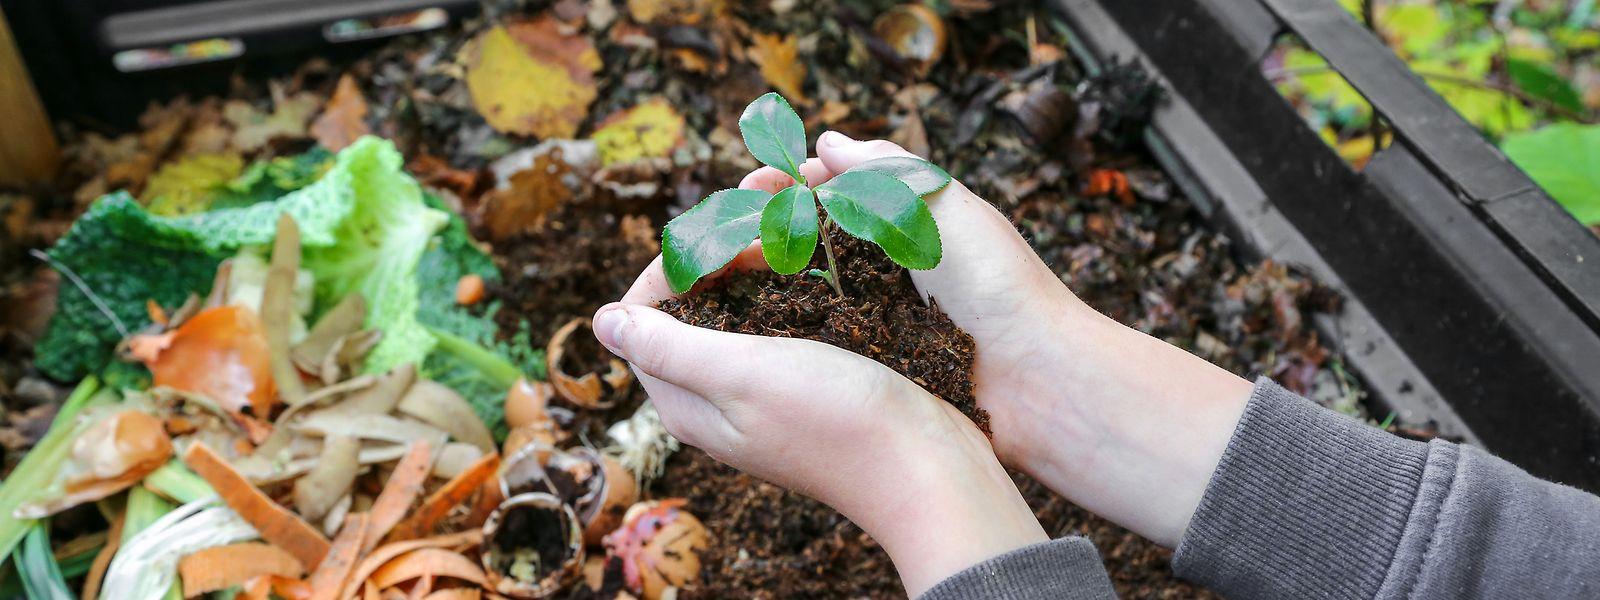 Manche Dinge – wie etwa Rasenschnitt – gehören nicht auf den Kompost.